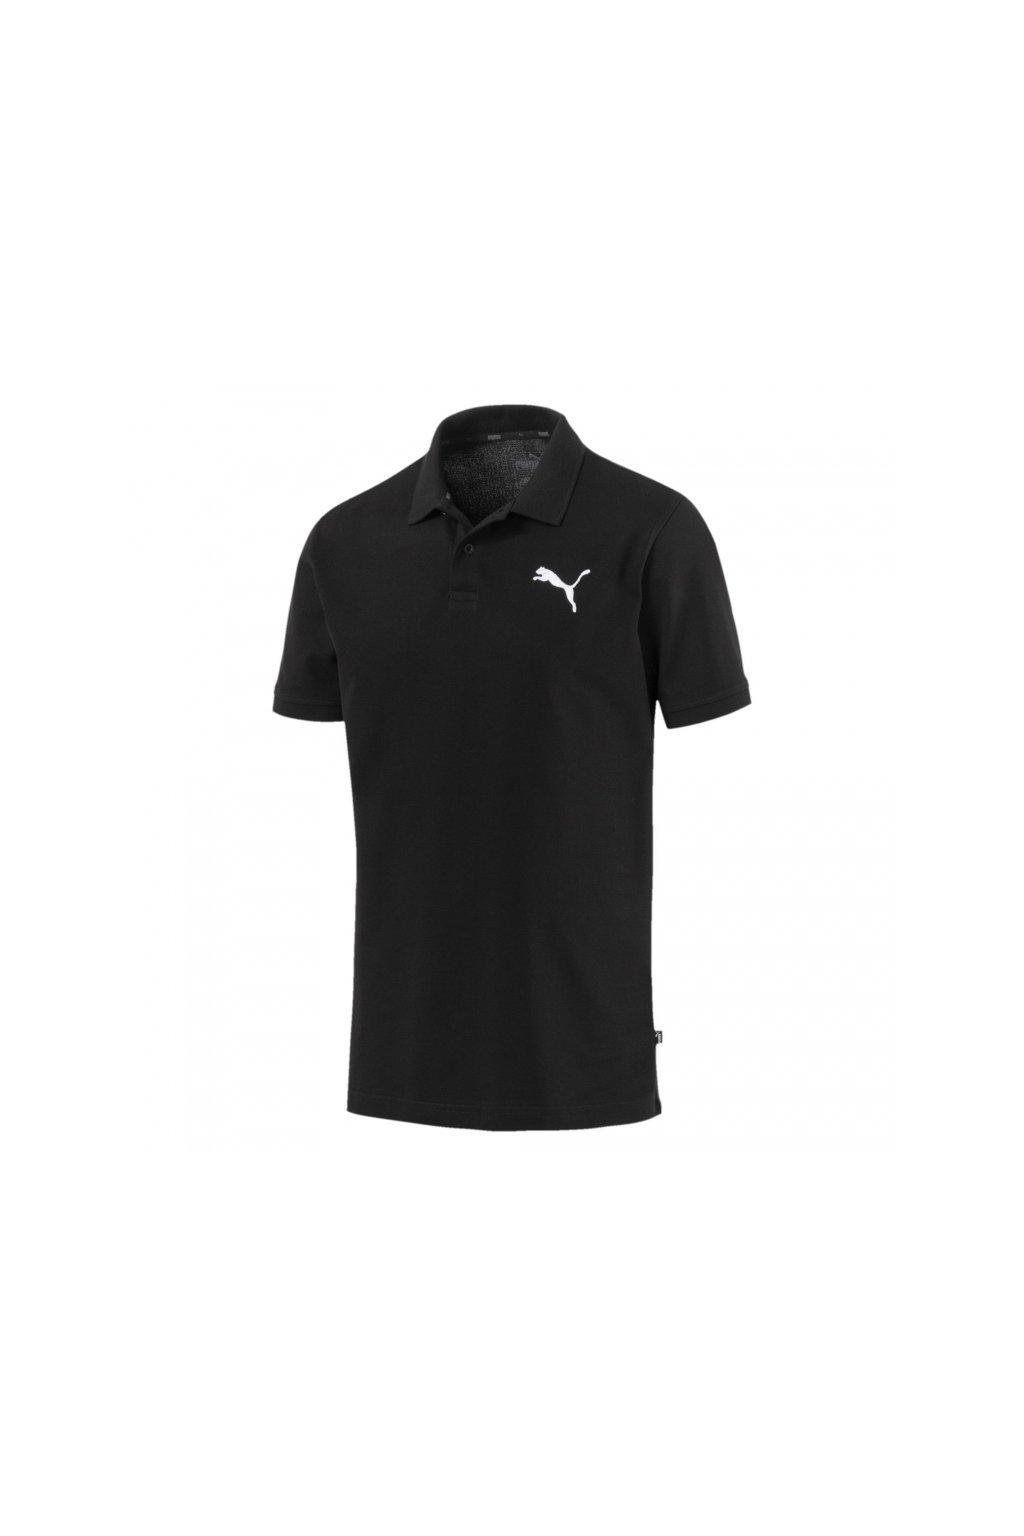 069fbb1e96e0 PUMA Essentials pánske polo tričko 851759-21 - Fresh sport